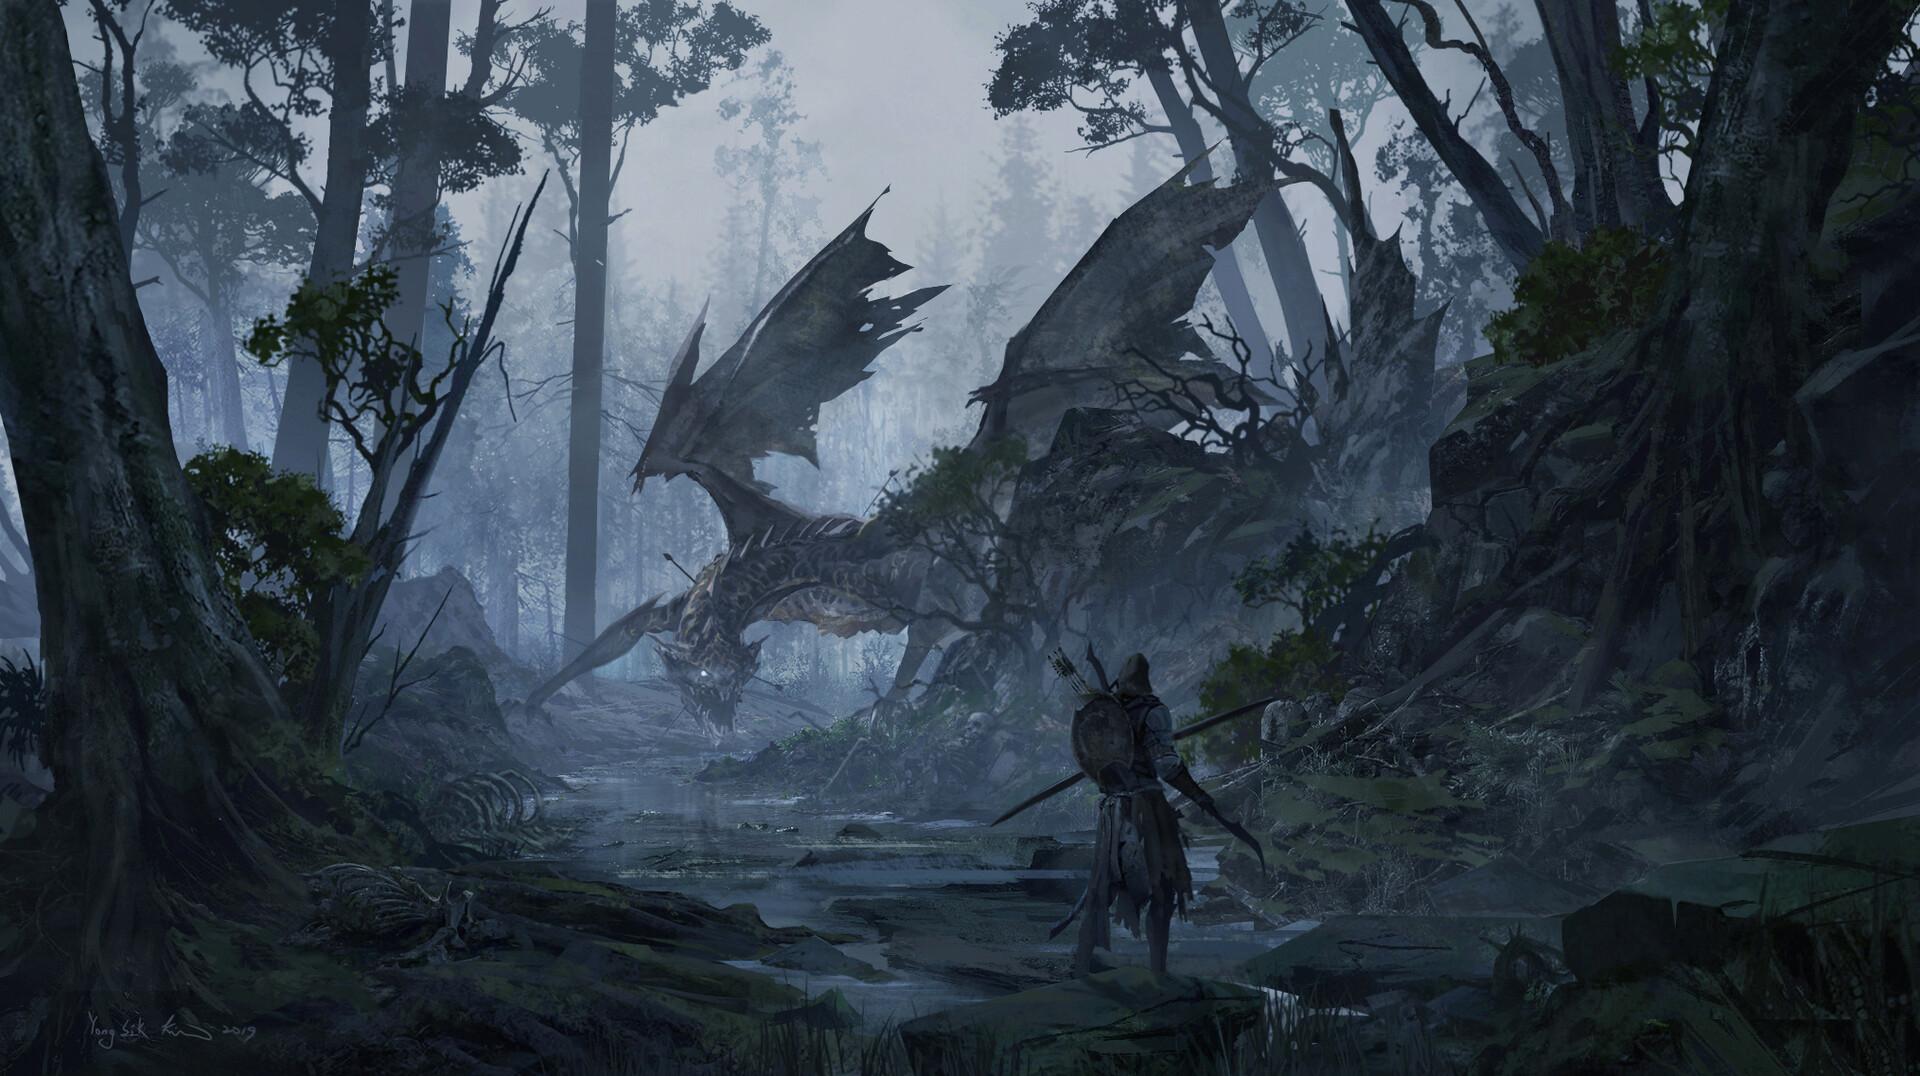 Let's entice a dragon